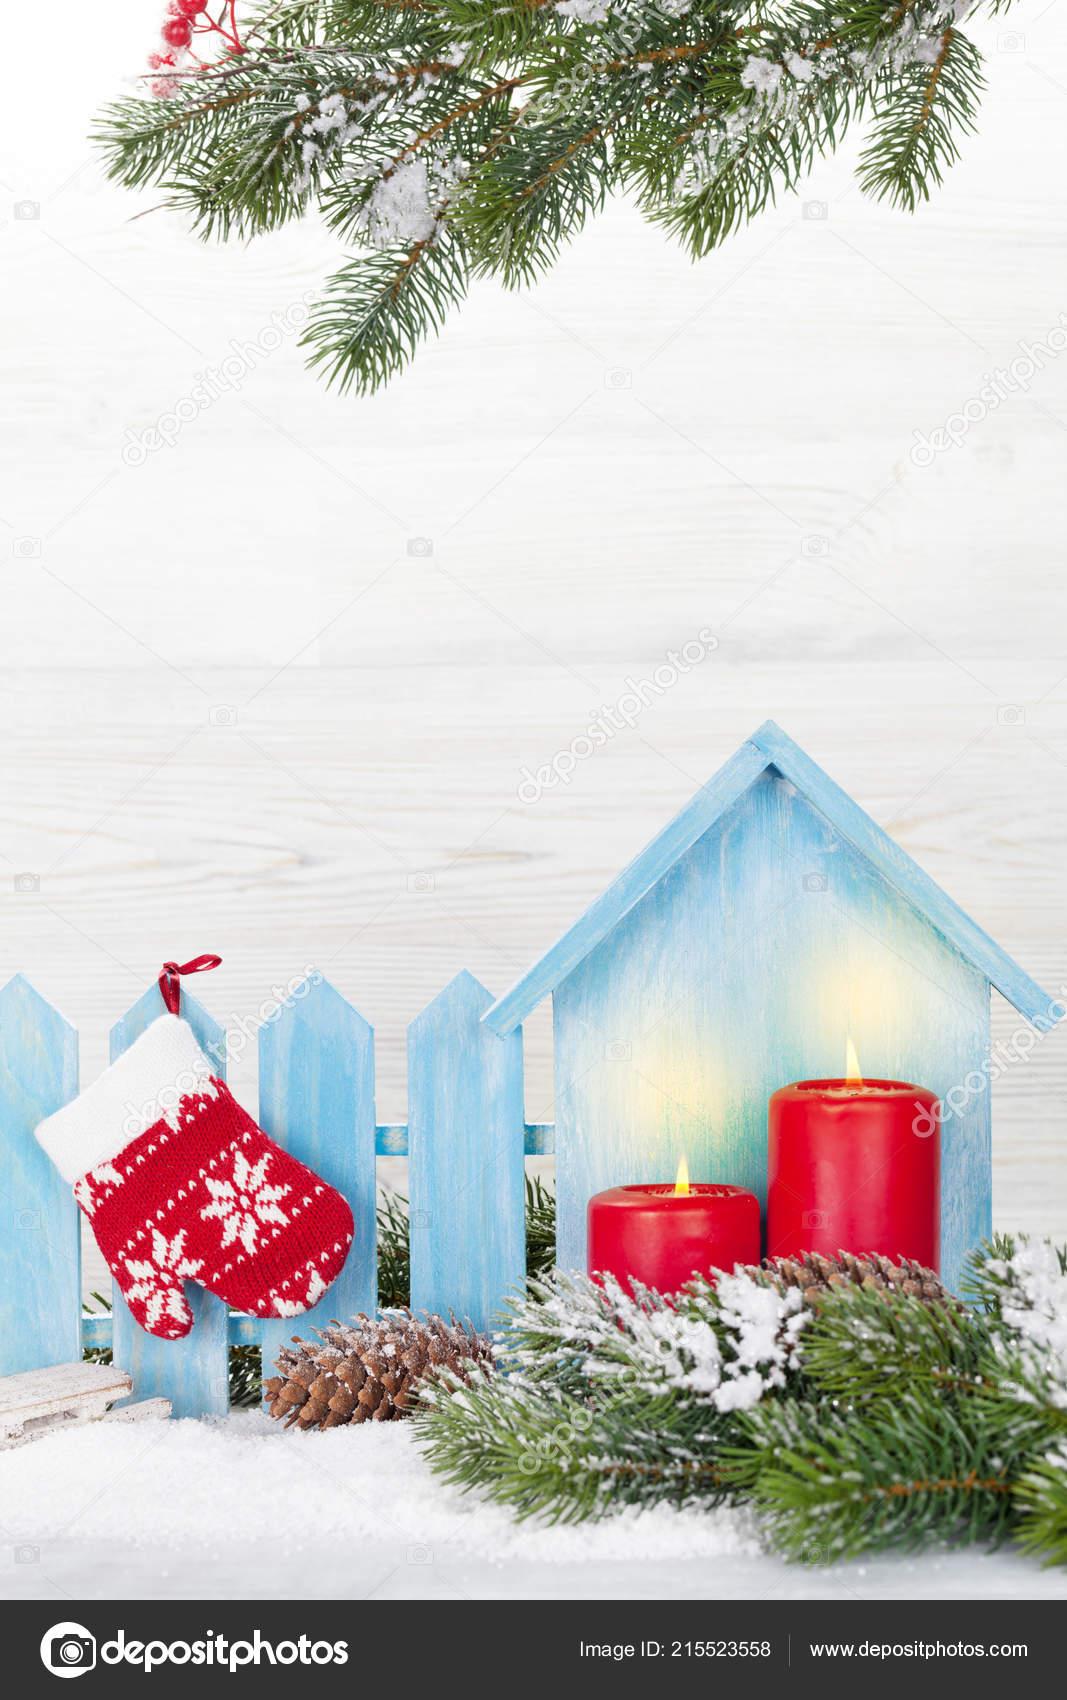 décoration noël bougies branche sapin recouvert neige avant paroi